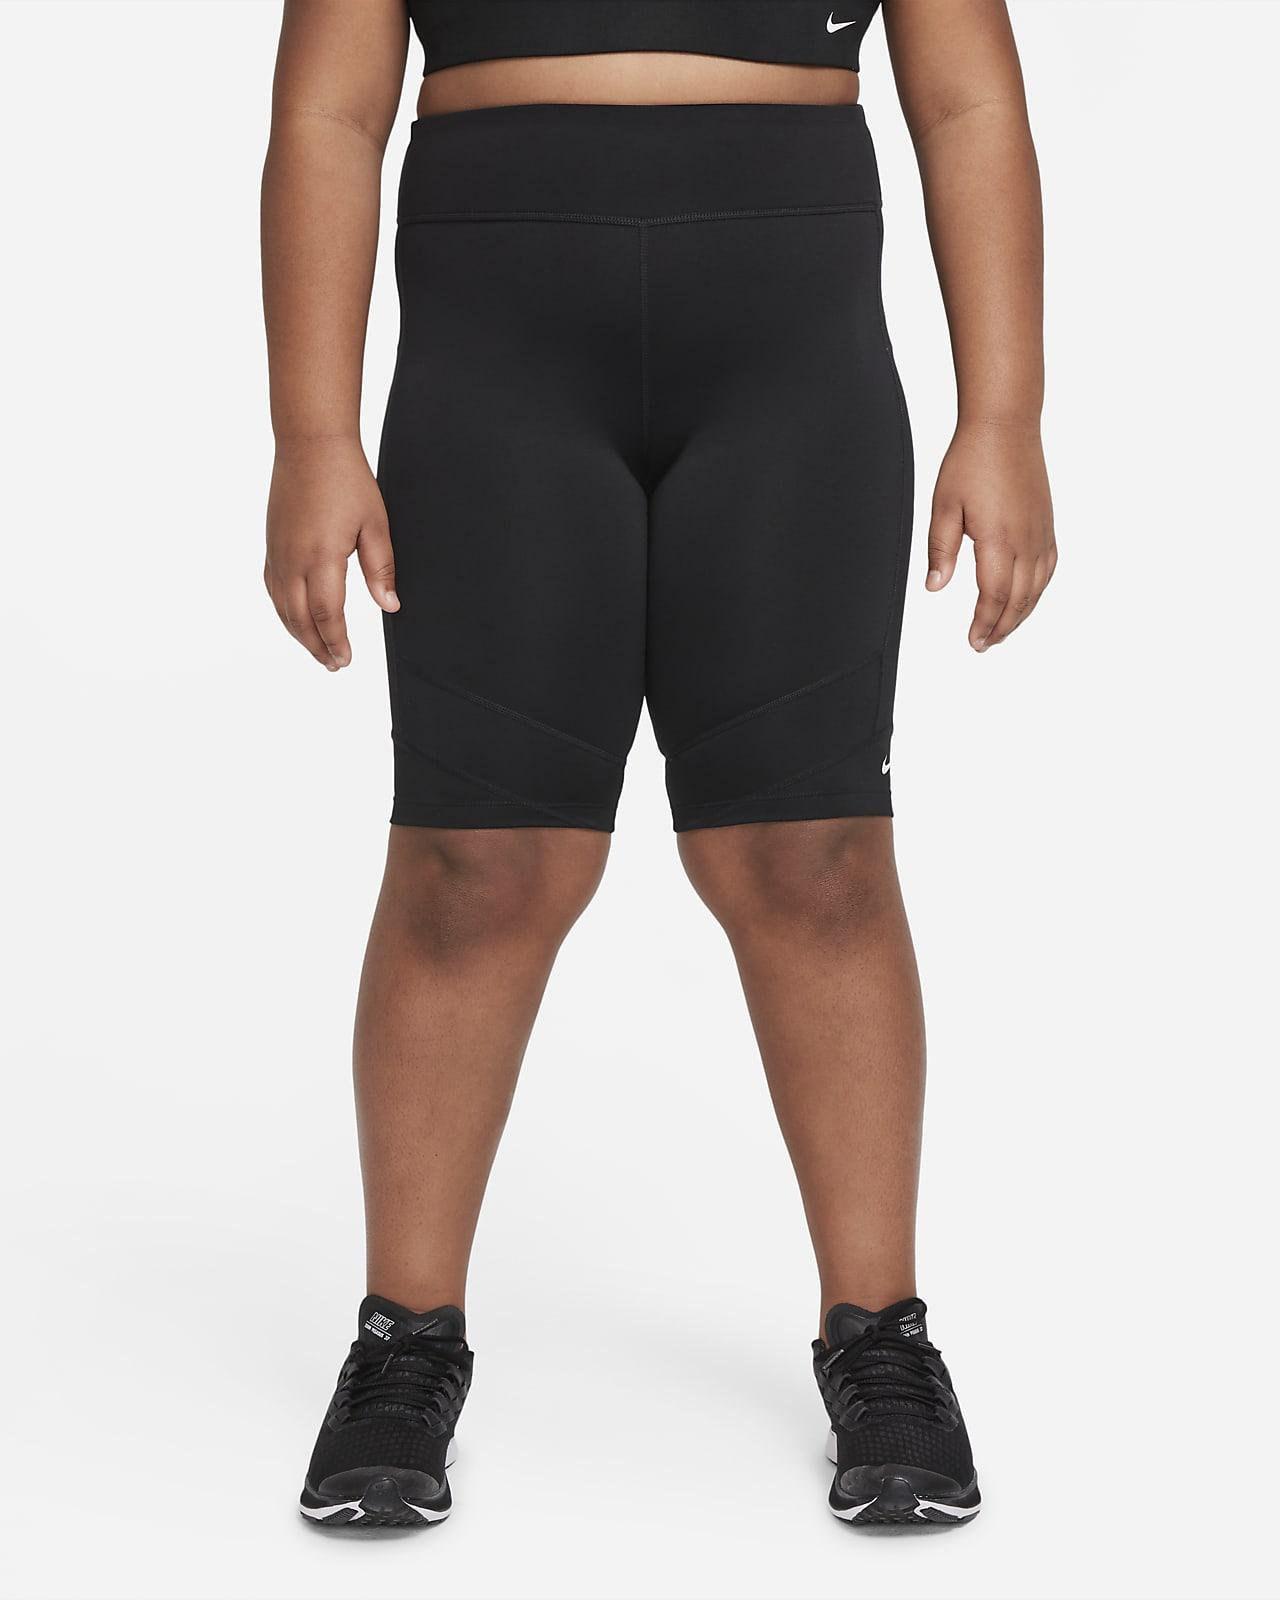 Nike Dri-FIT One Bike Shorts für ältere Kinder (Mädchen) (erweiterte Größe)